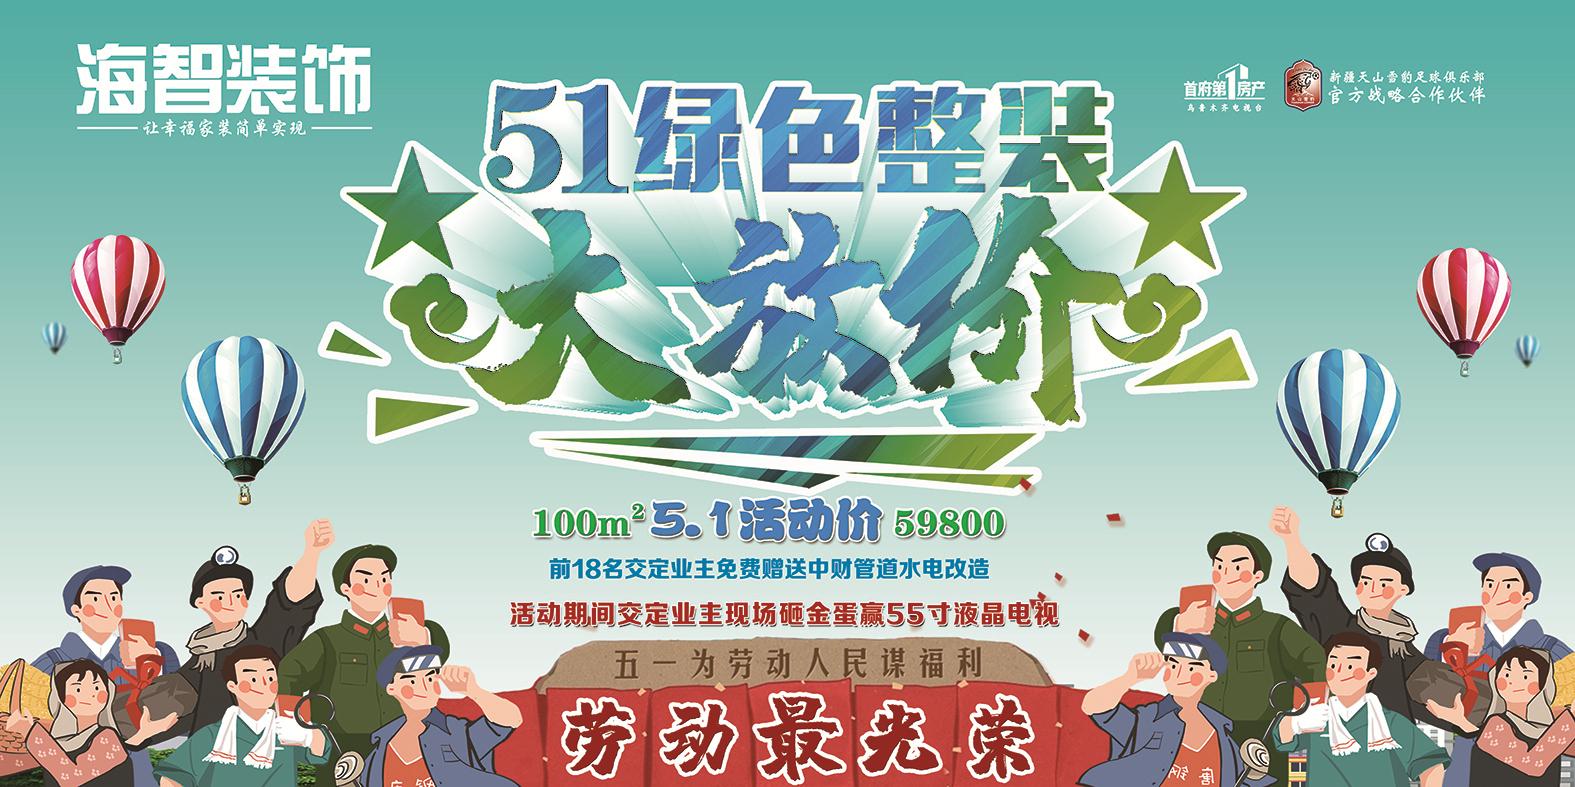 昌吉海智装饰,51大放价,100平米59800元